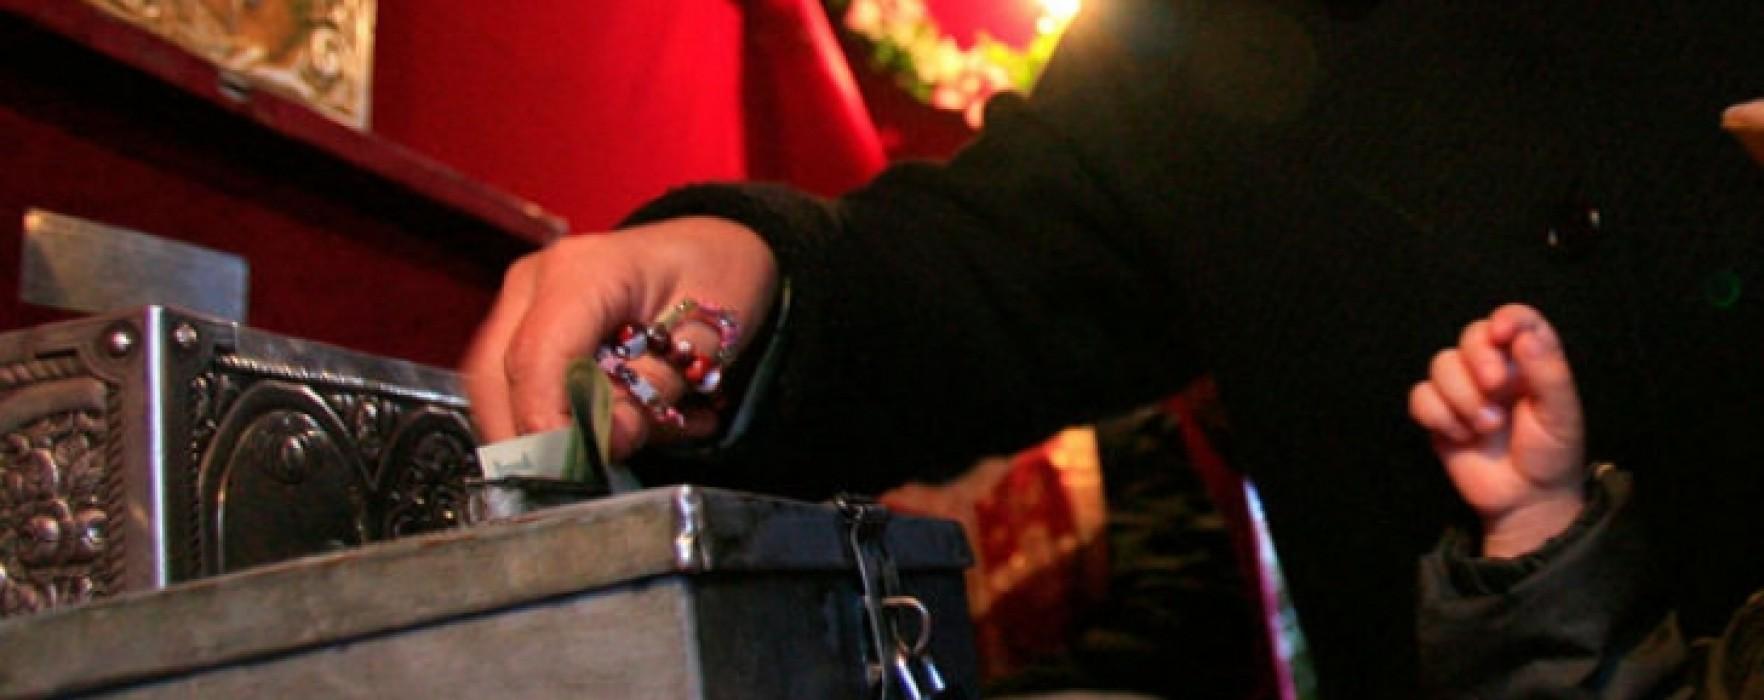 Târgovişte: Prins că a furat icoane şi bani dintr-o biserică